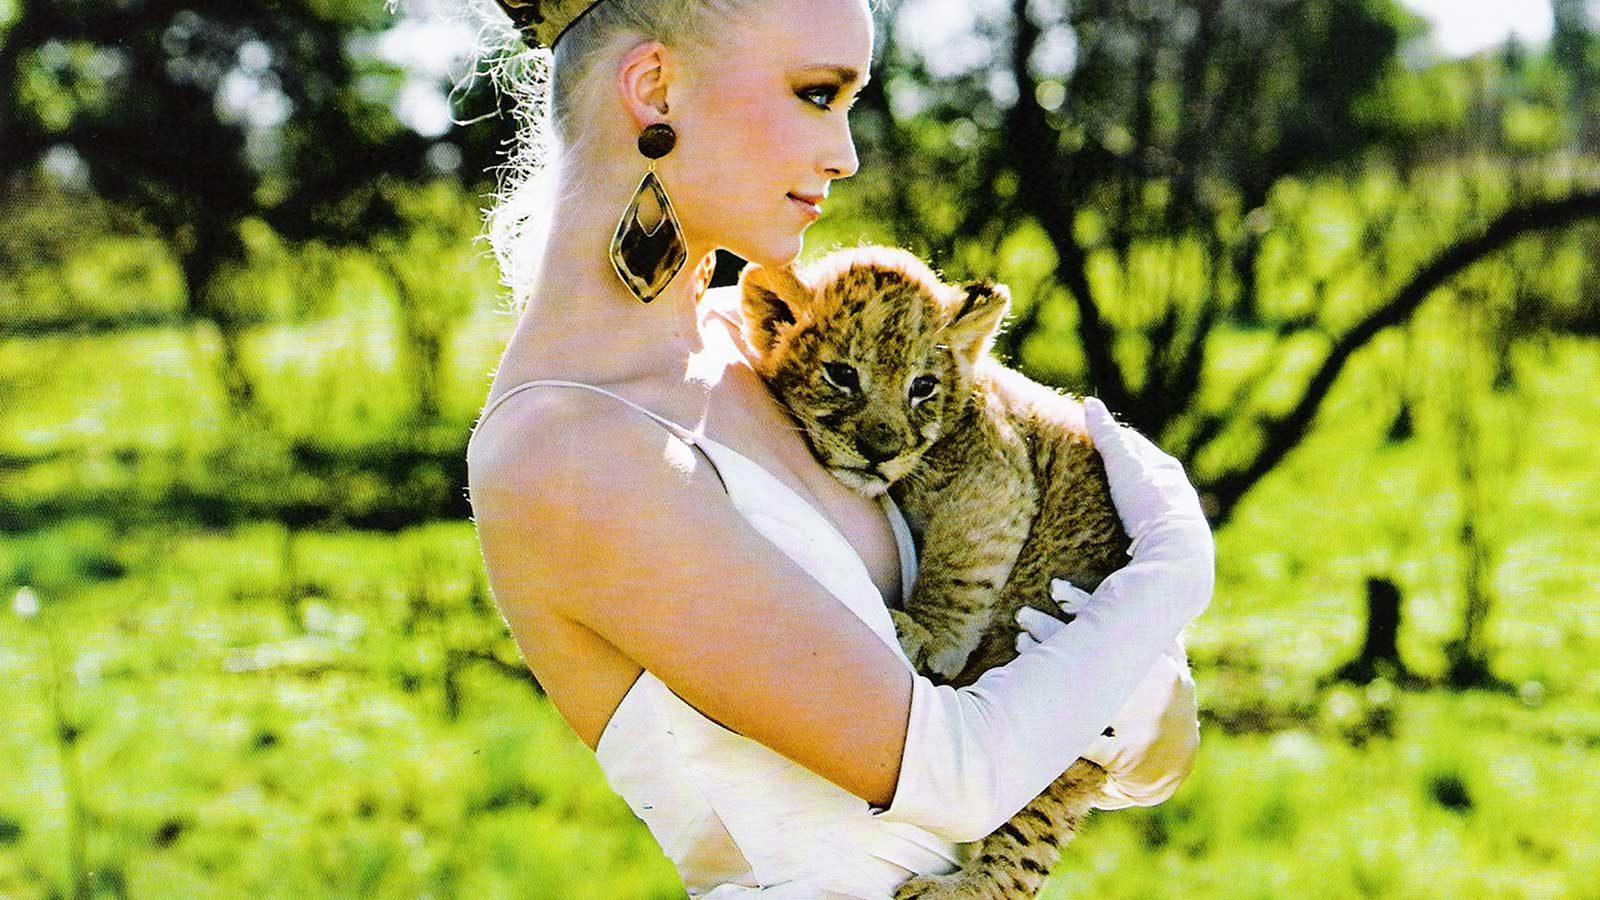 Vogue Italia Featured Image Cub